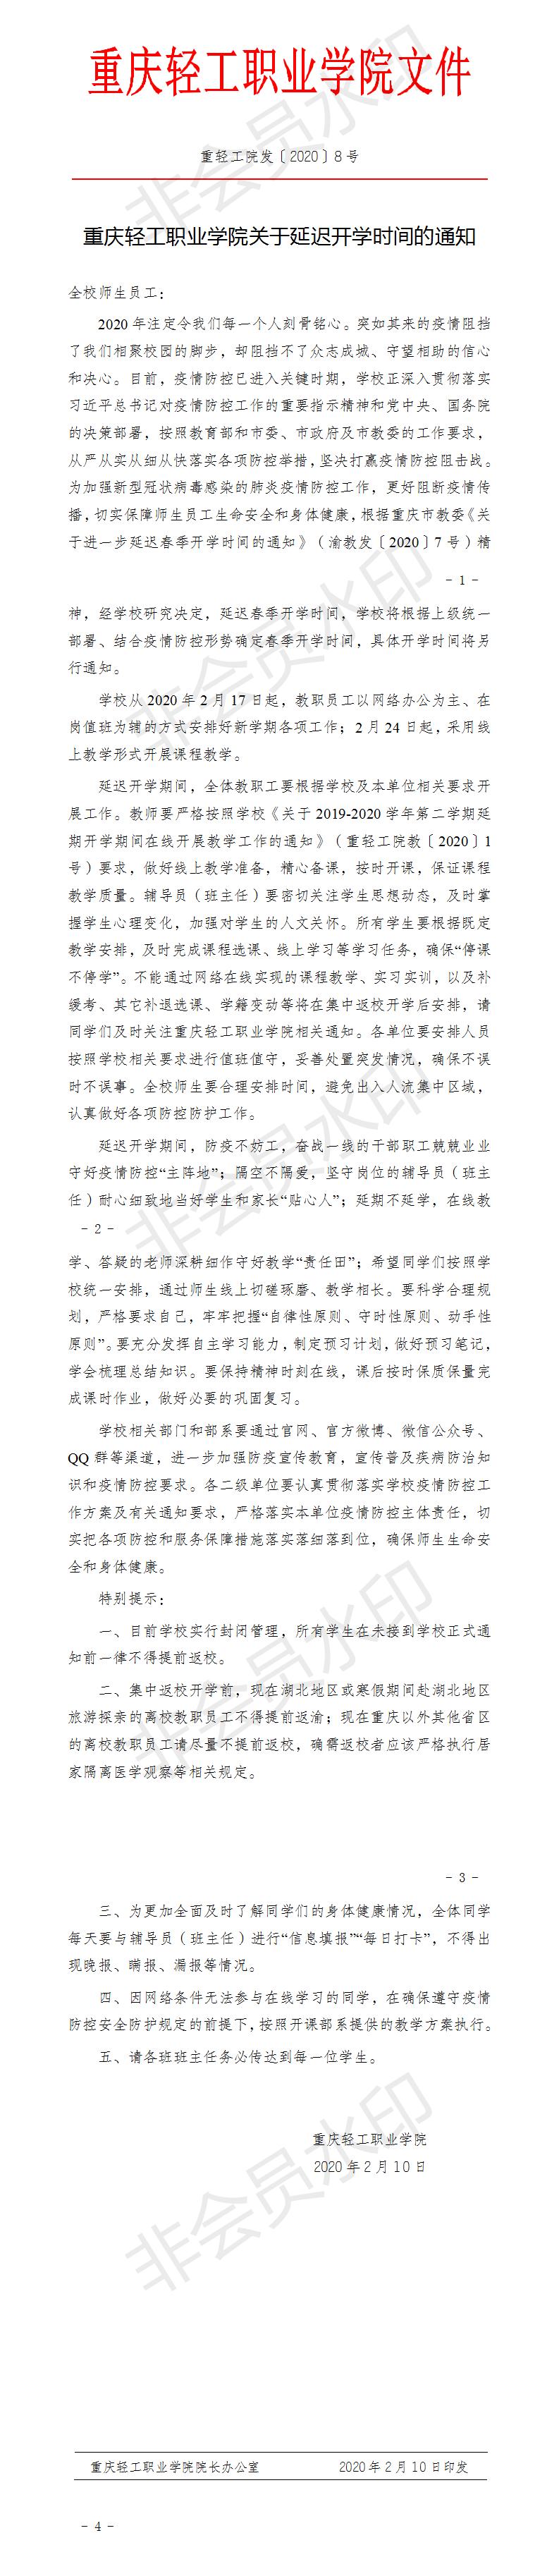 1_重轻工院发〔2020〕8号重庆轻工职业学院关于延迟开学时间的通知.png